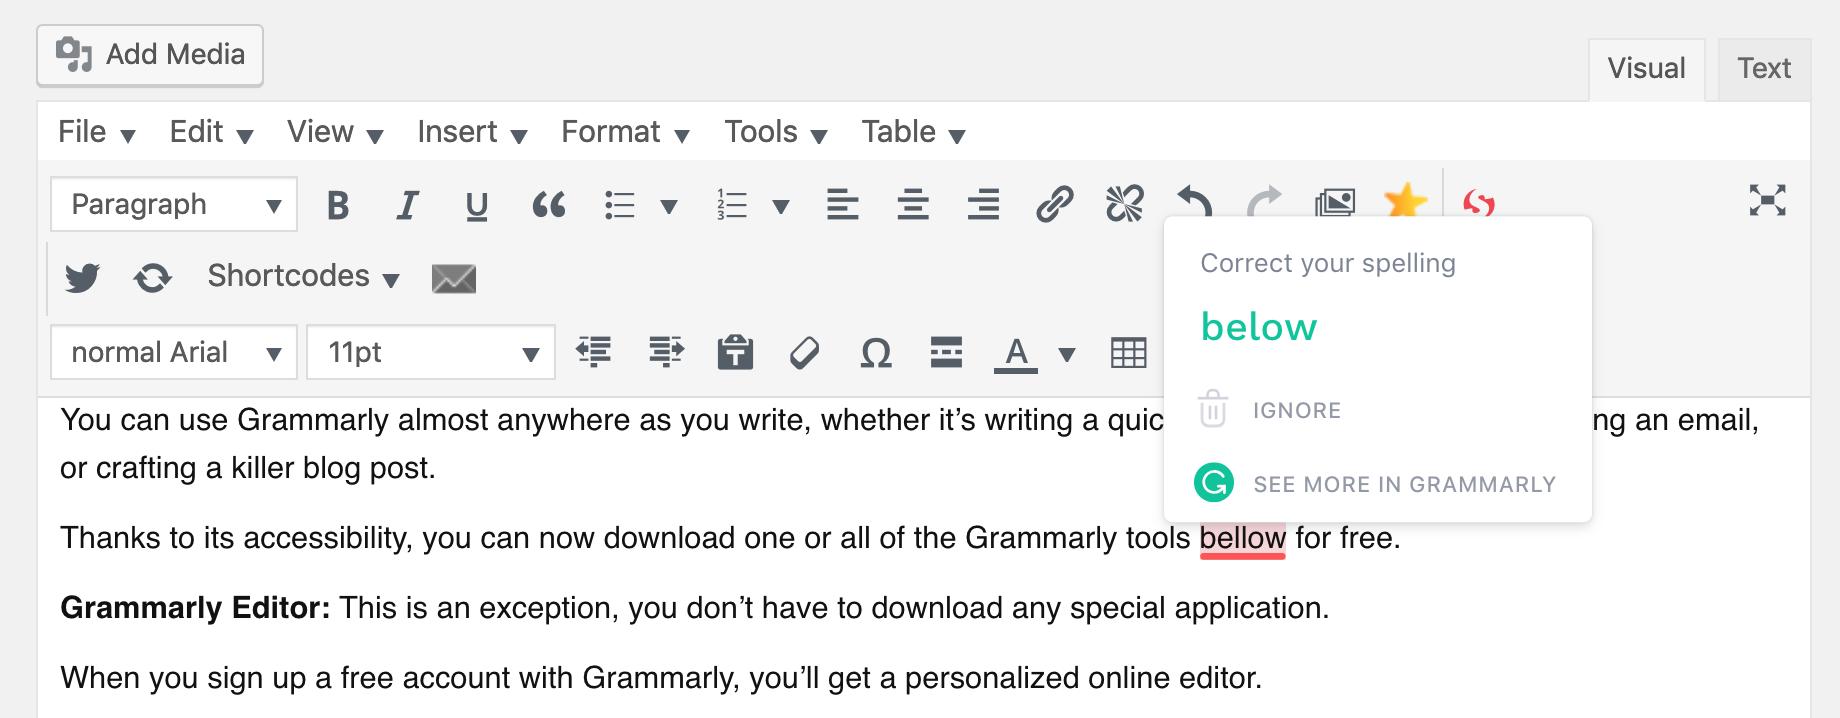 Revisión gramatical: el mejor corrector gramatical y ortográfico en línea. thinkmaverick